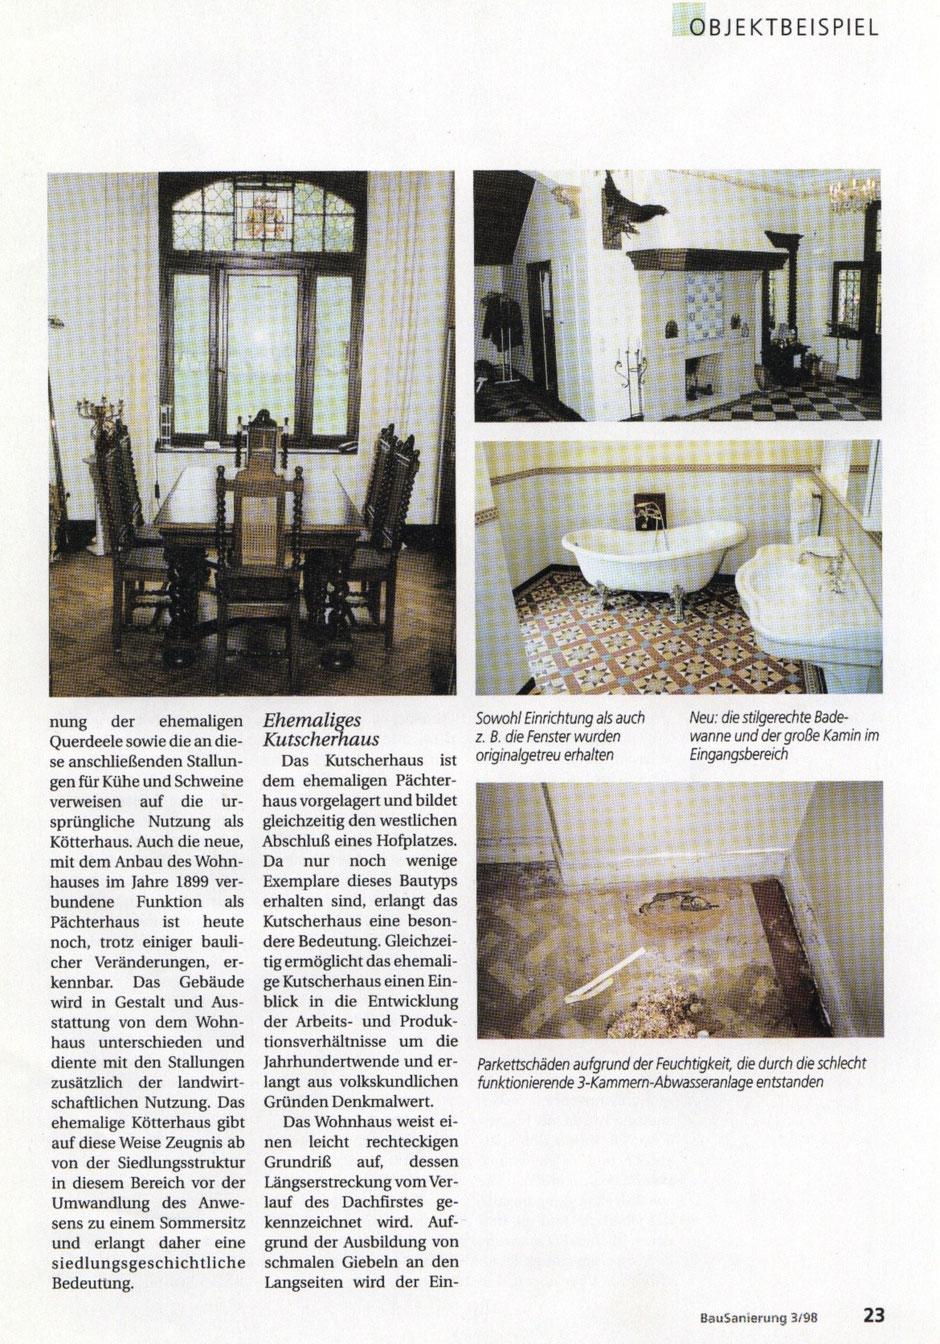 Bilderreihe: Bild4 : Artikel aus der Bausanierung, Sanierung eines Originals, Haus Elmar Münster